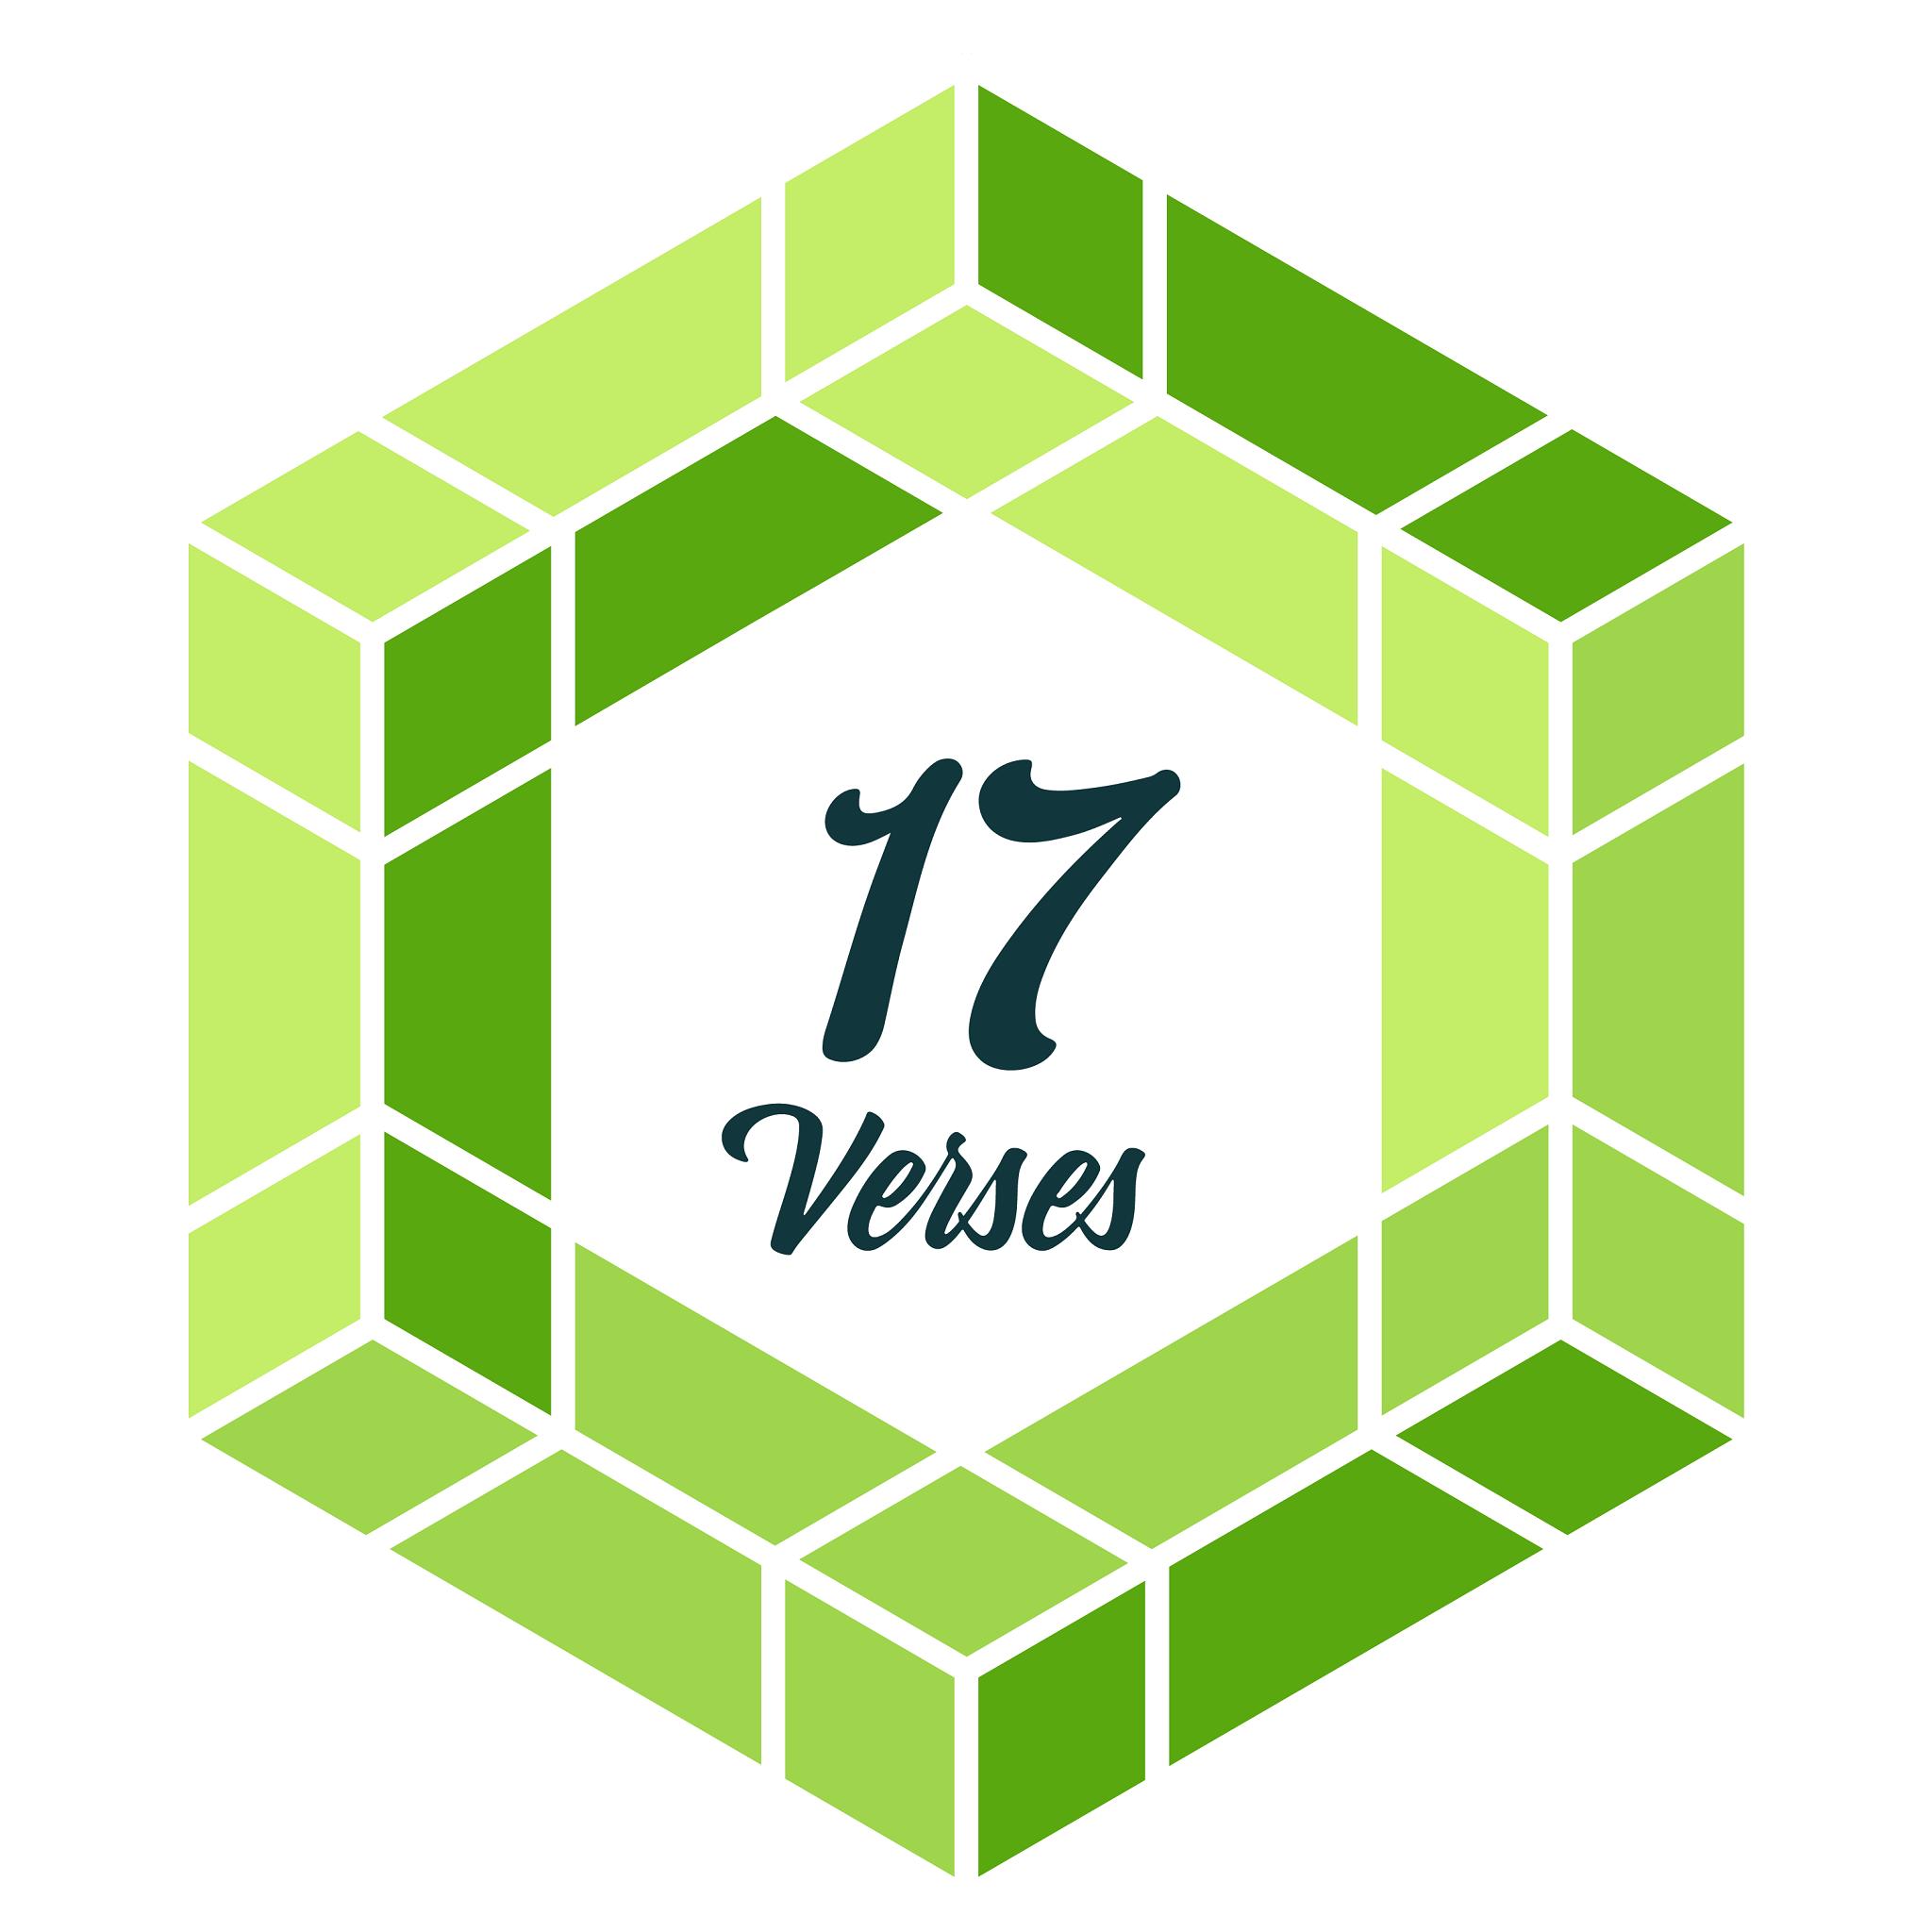 Year 2 - Surah 48 (Al-Fath), Verses 1-17